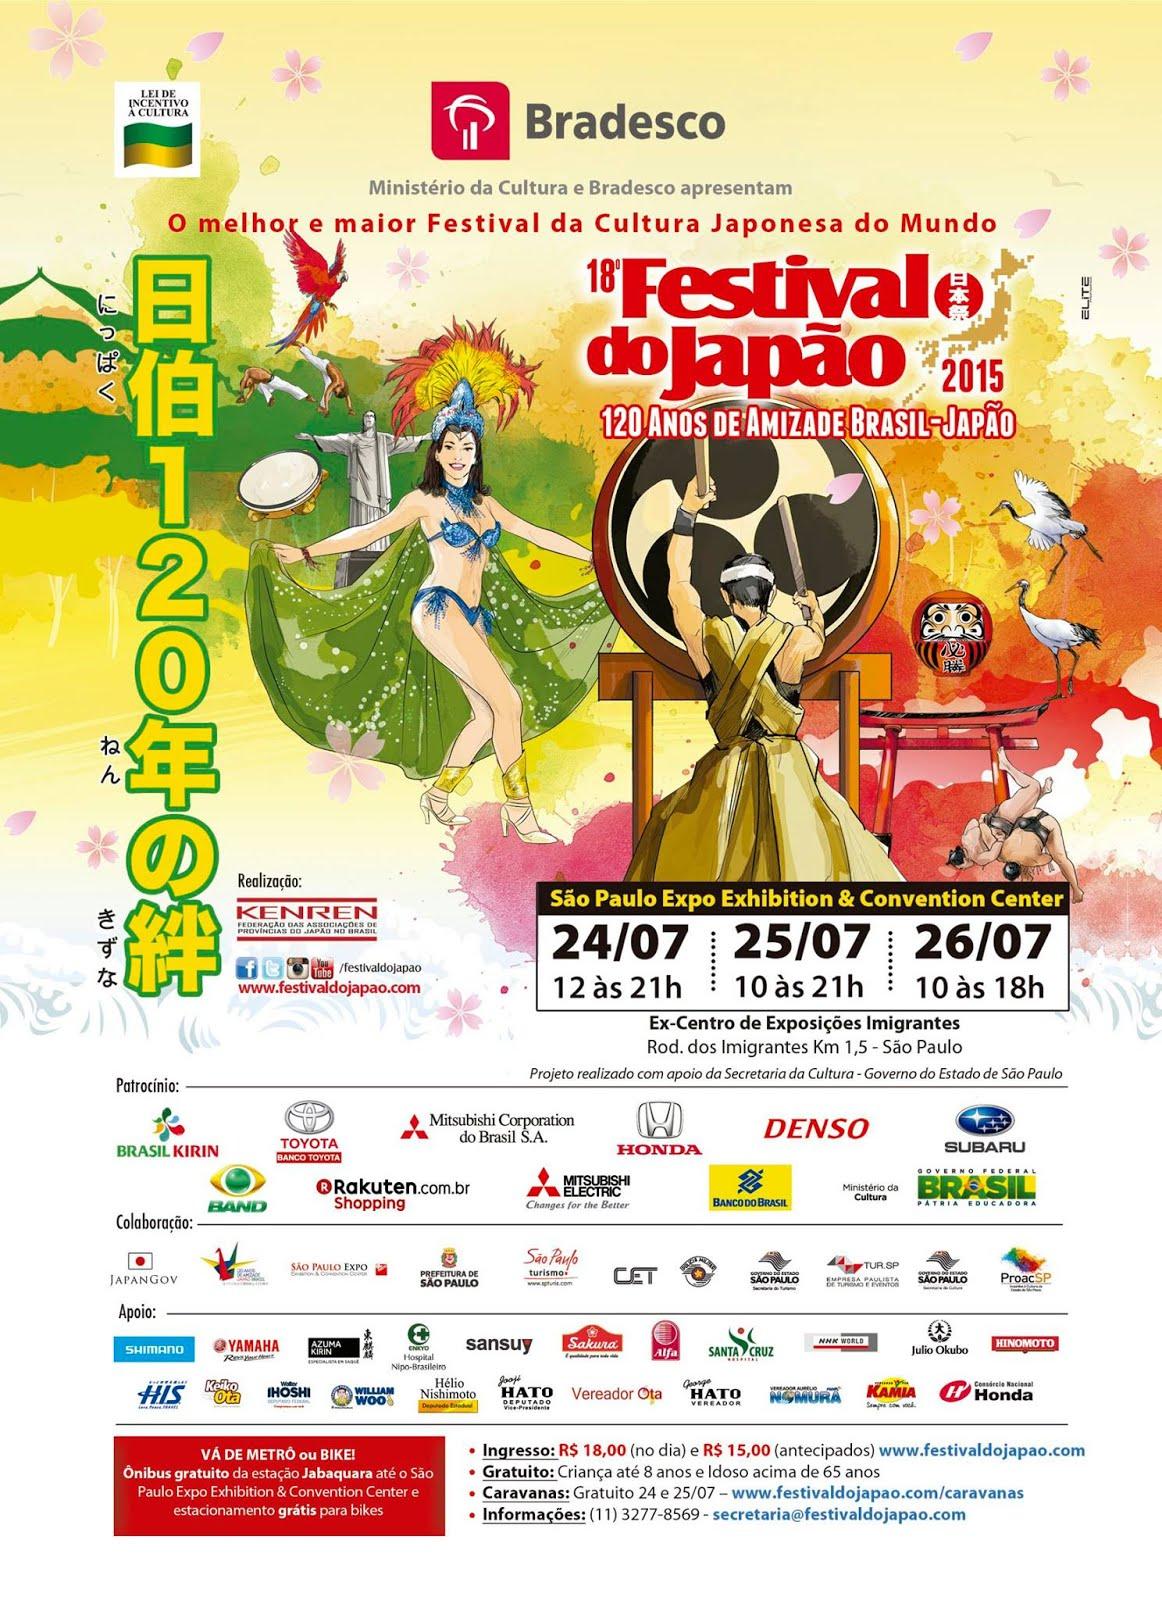 18º FESTIVAL DO JAPÃO 2015